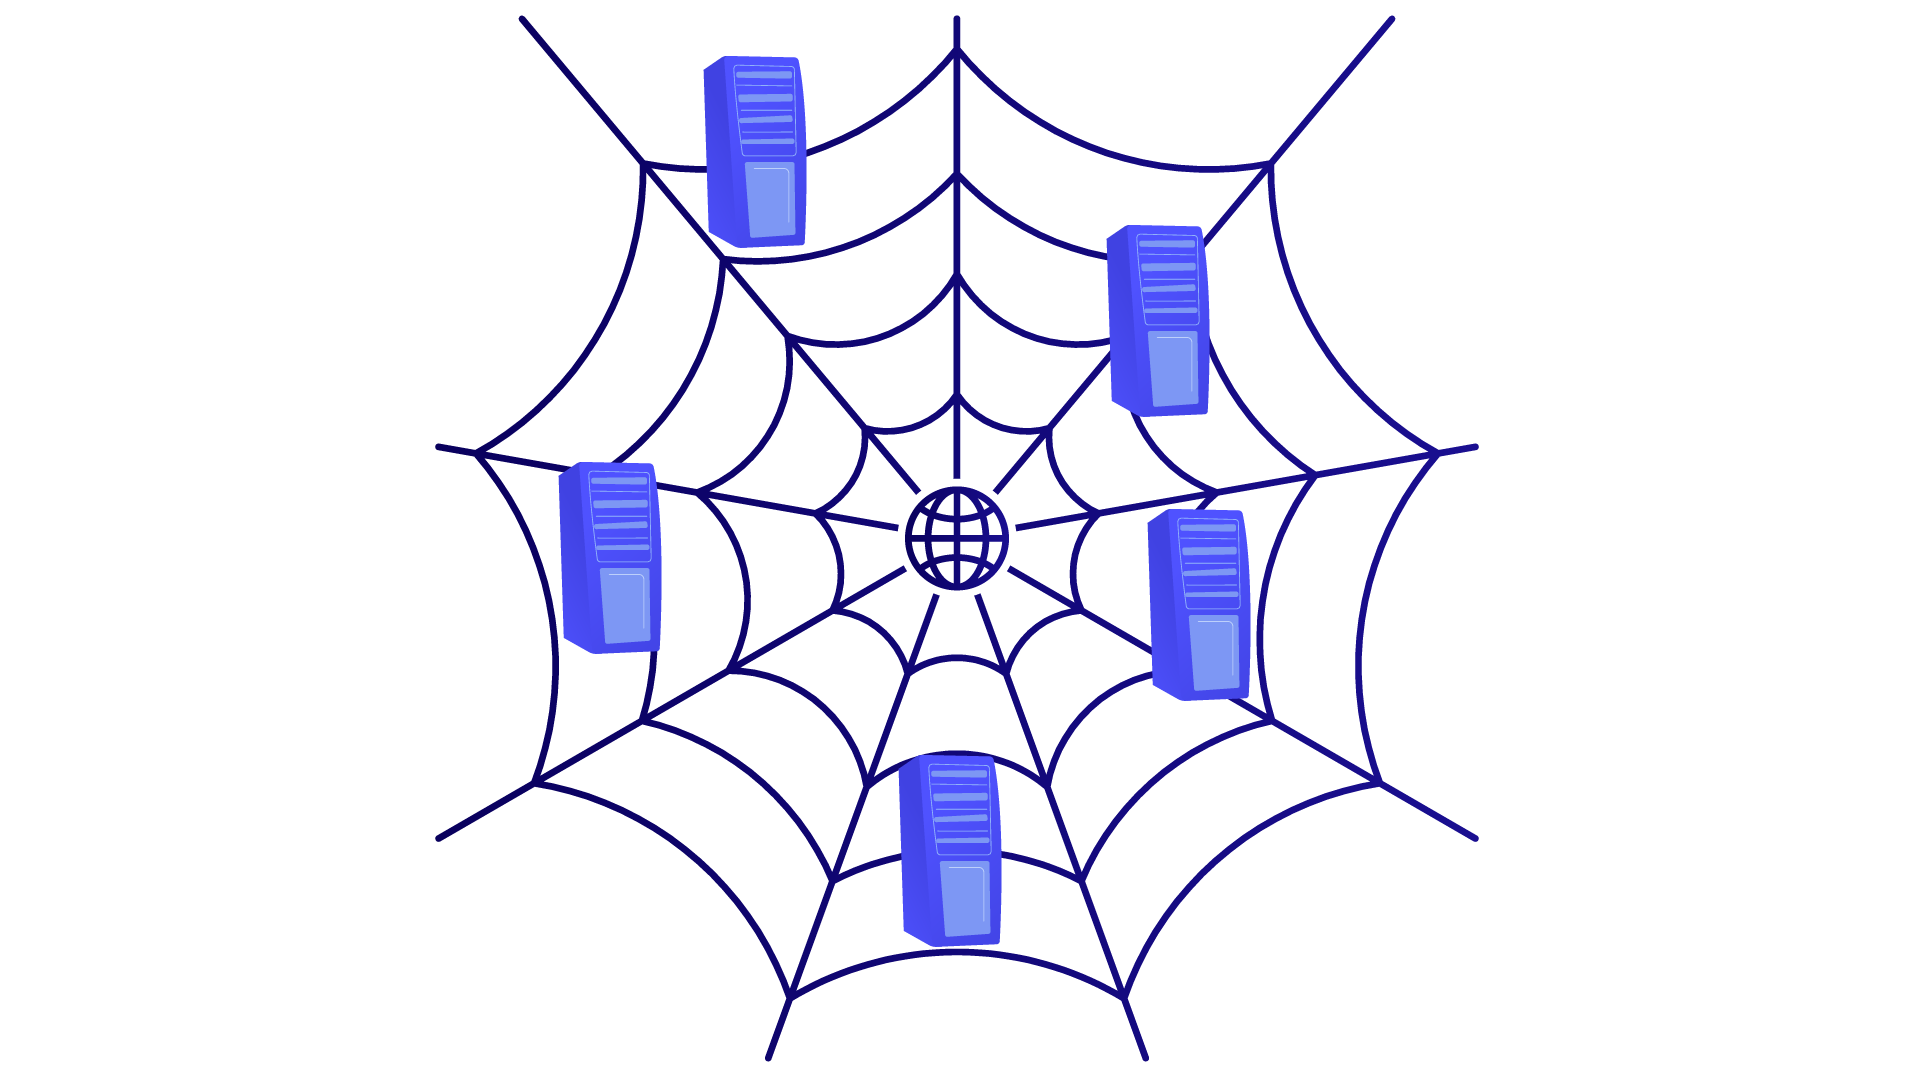 Le Web est une toile d'araignée au sein de laquelle les machines communiquent.